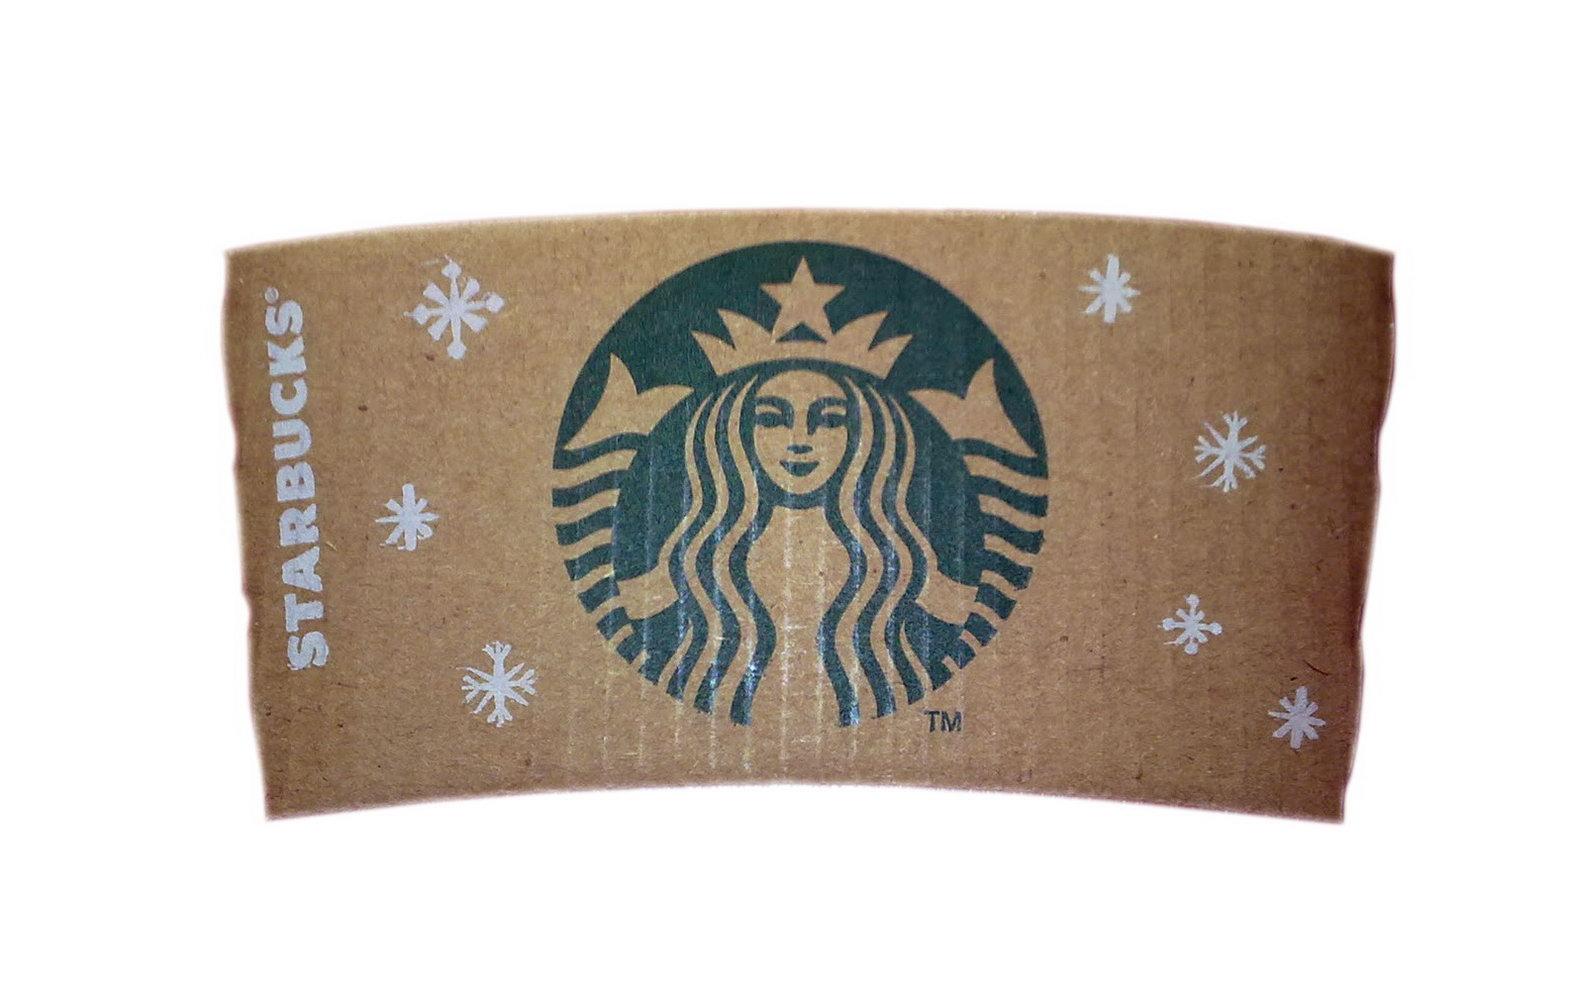 Starbucks Coffee Sleeve Template